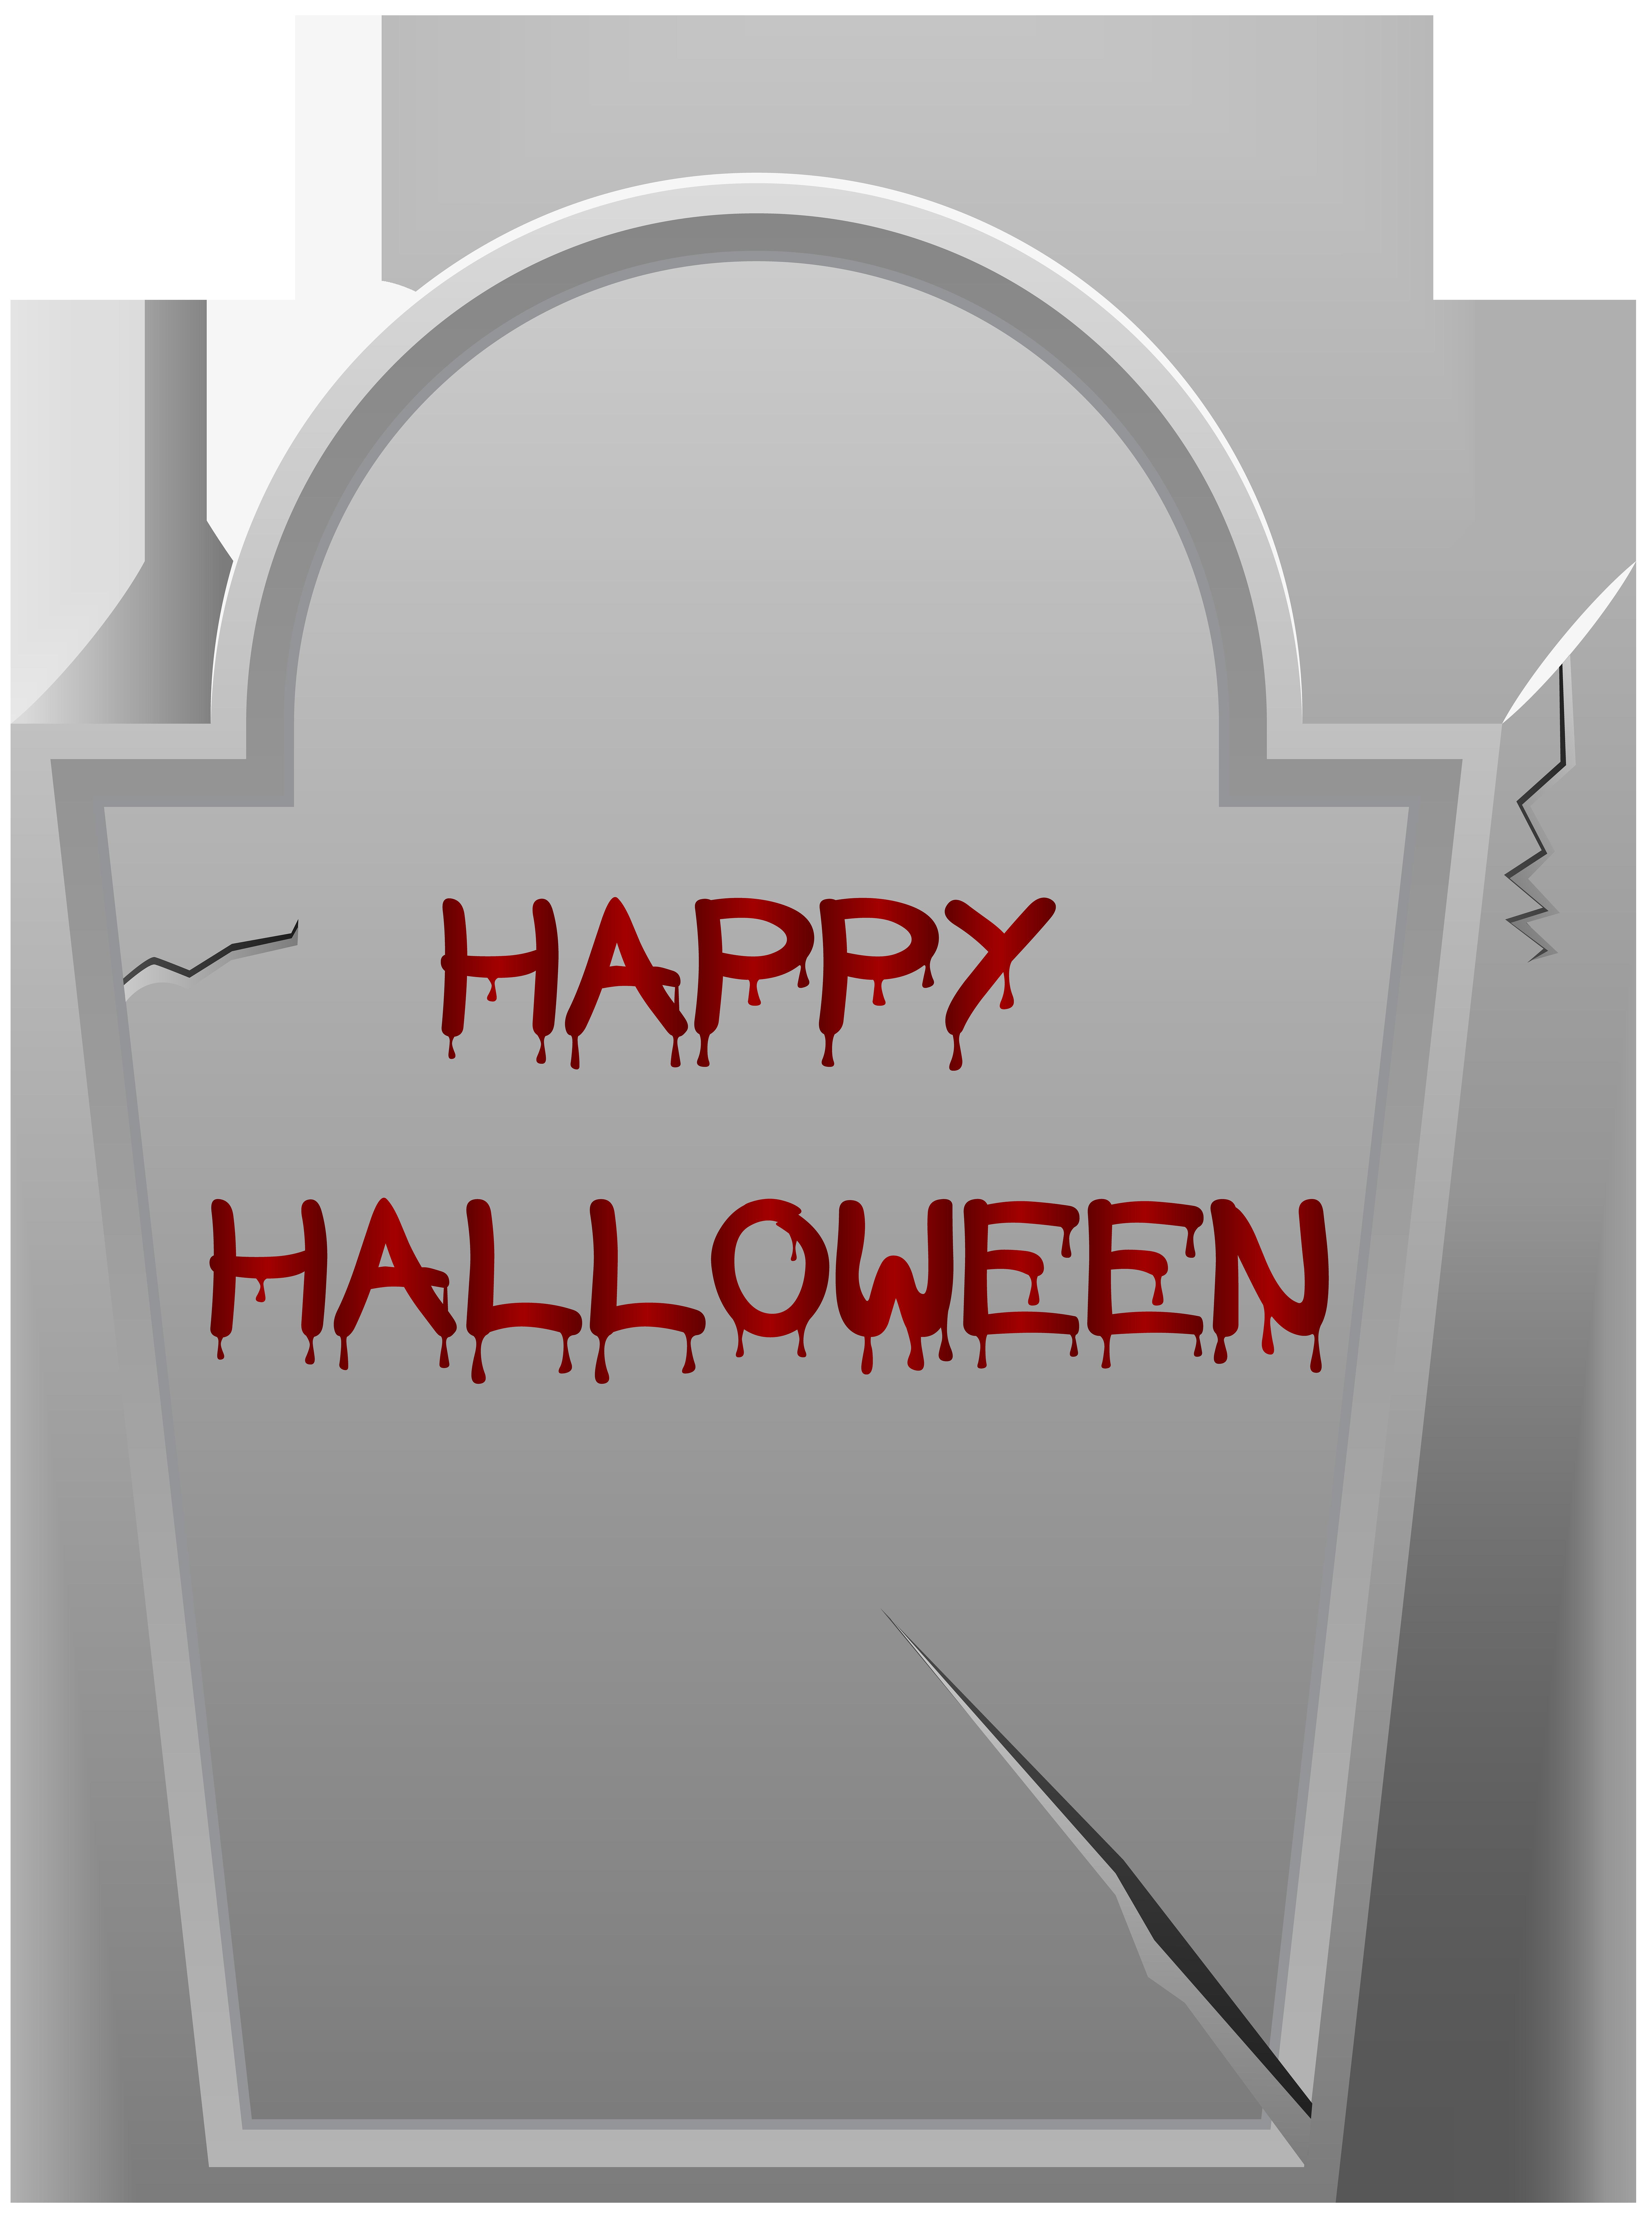 Happy Halloween Tombstone PNG Clip Art Image.